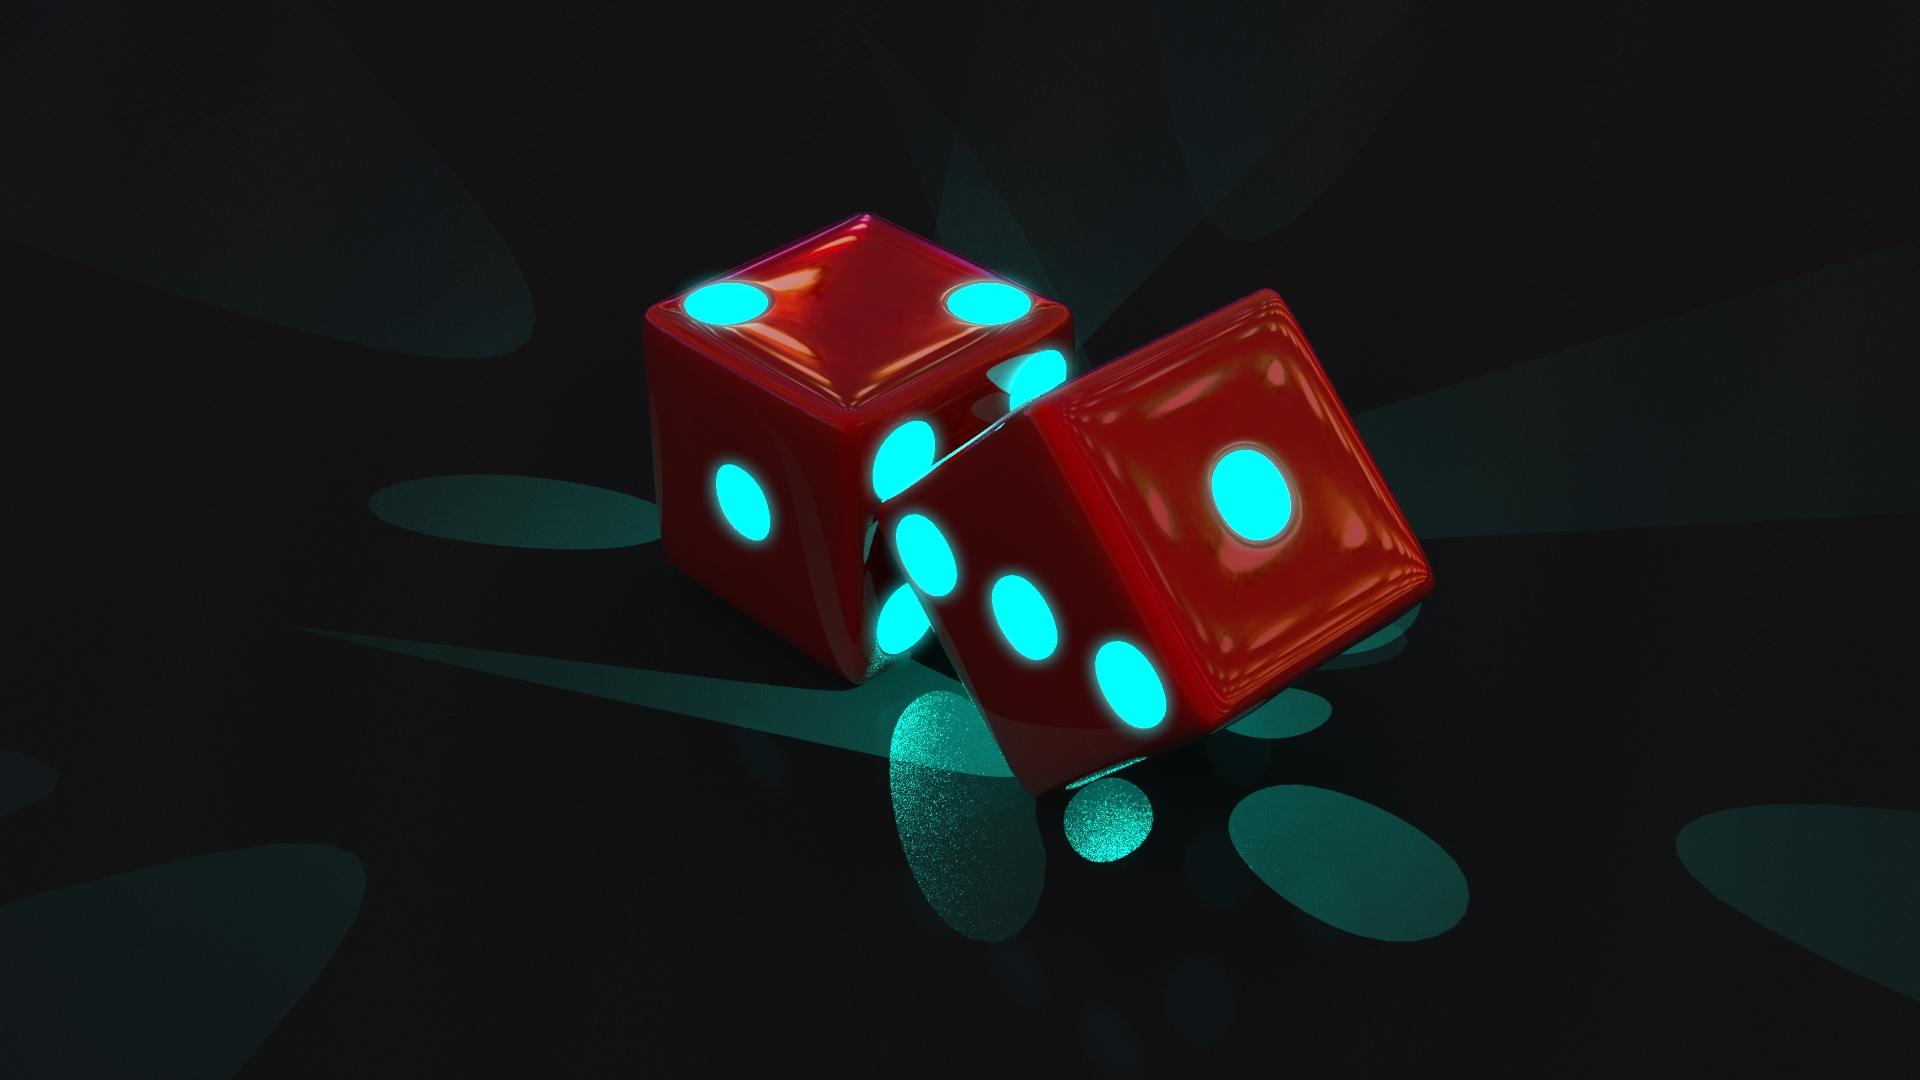 dice game craps